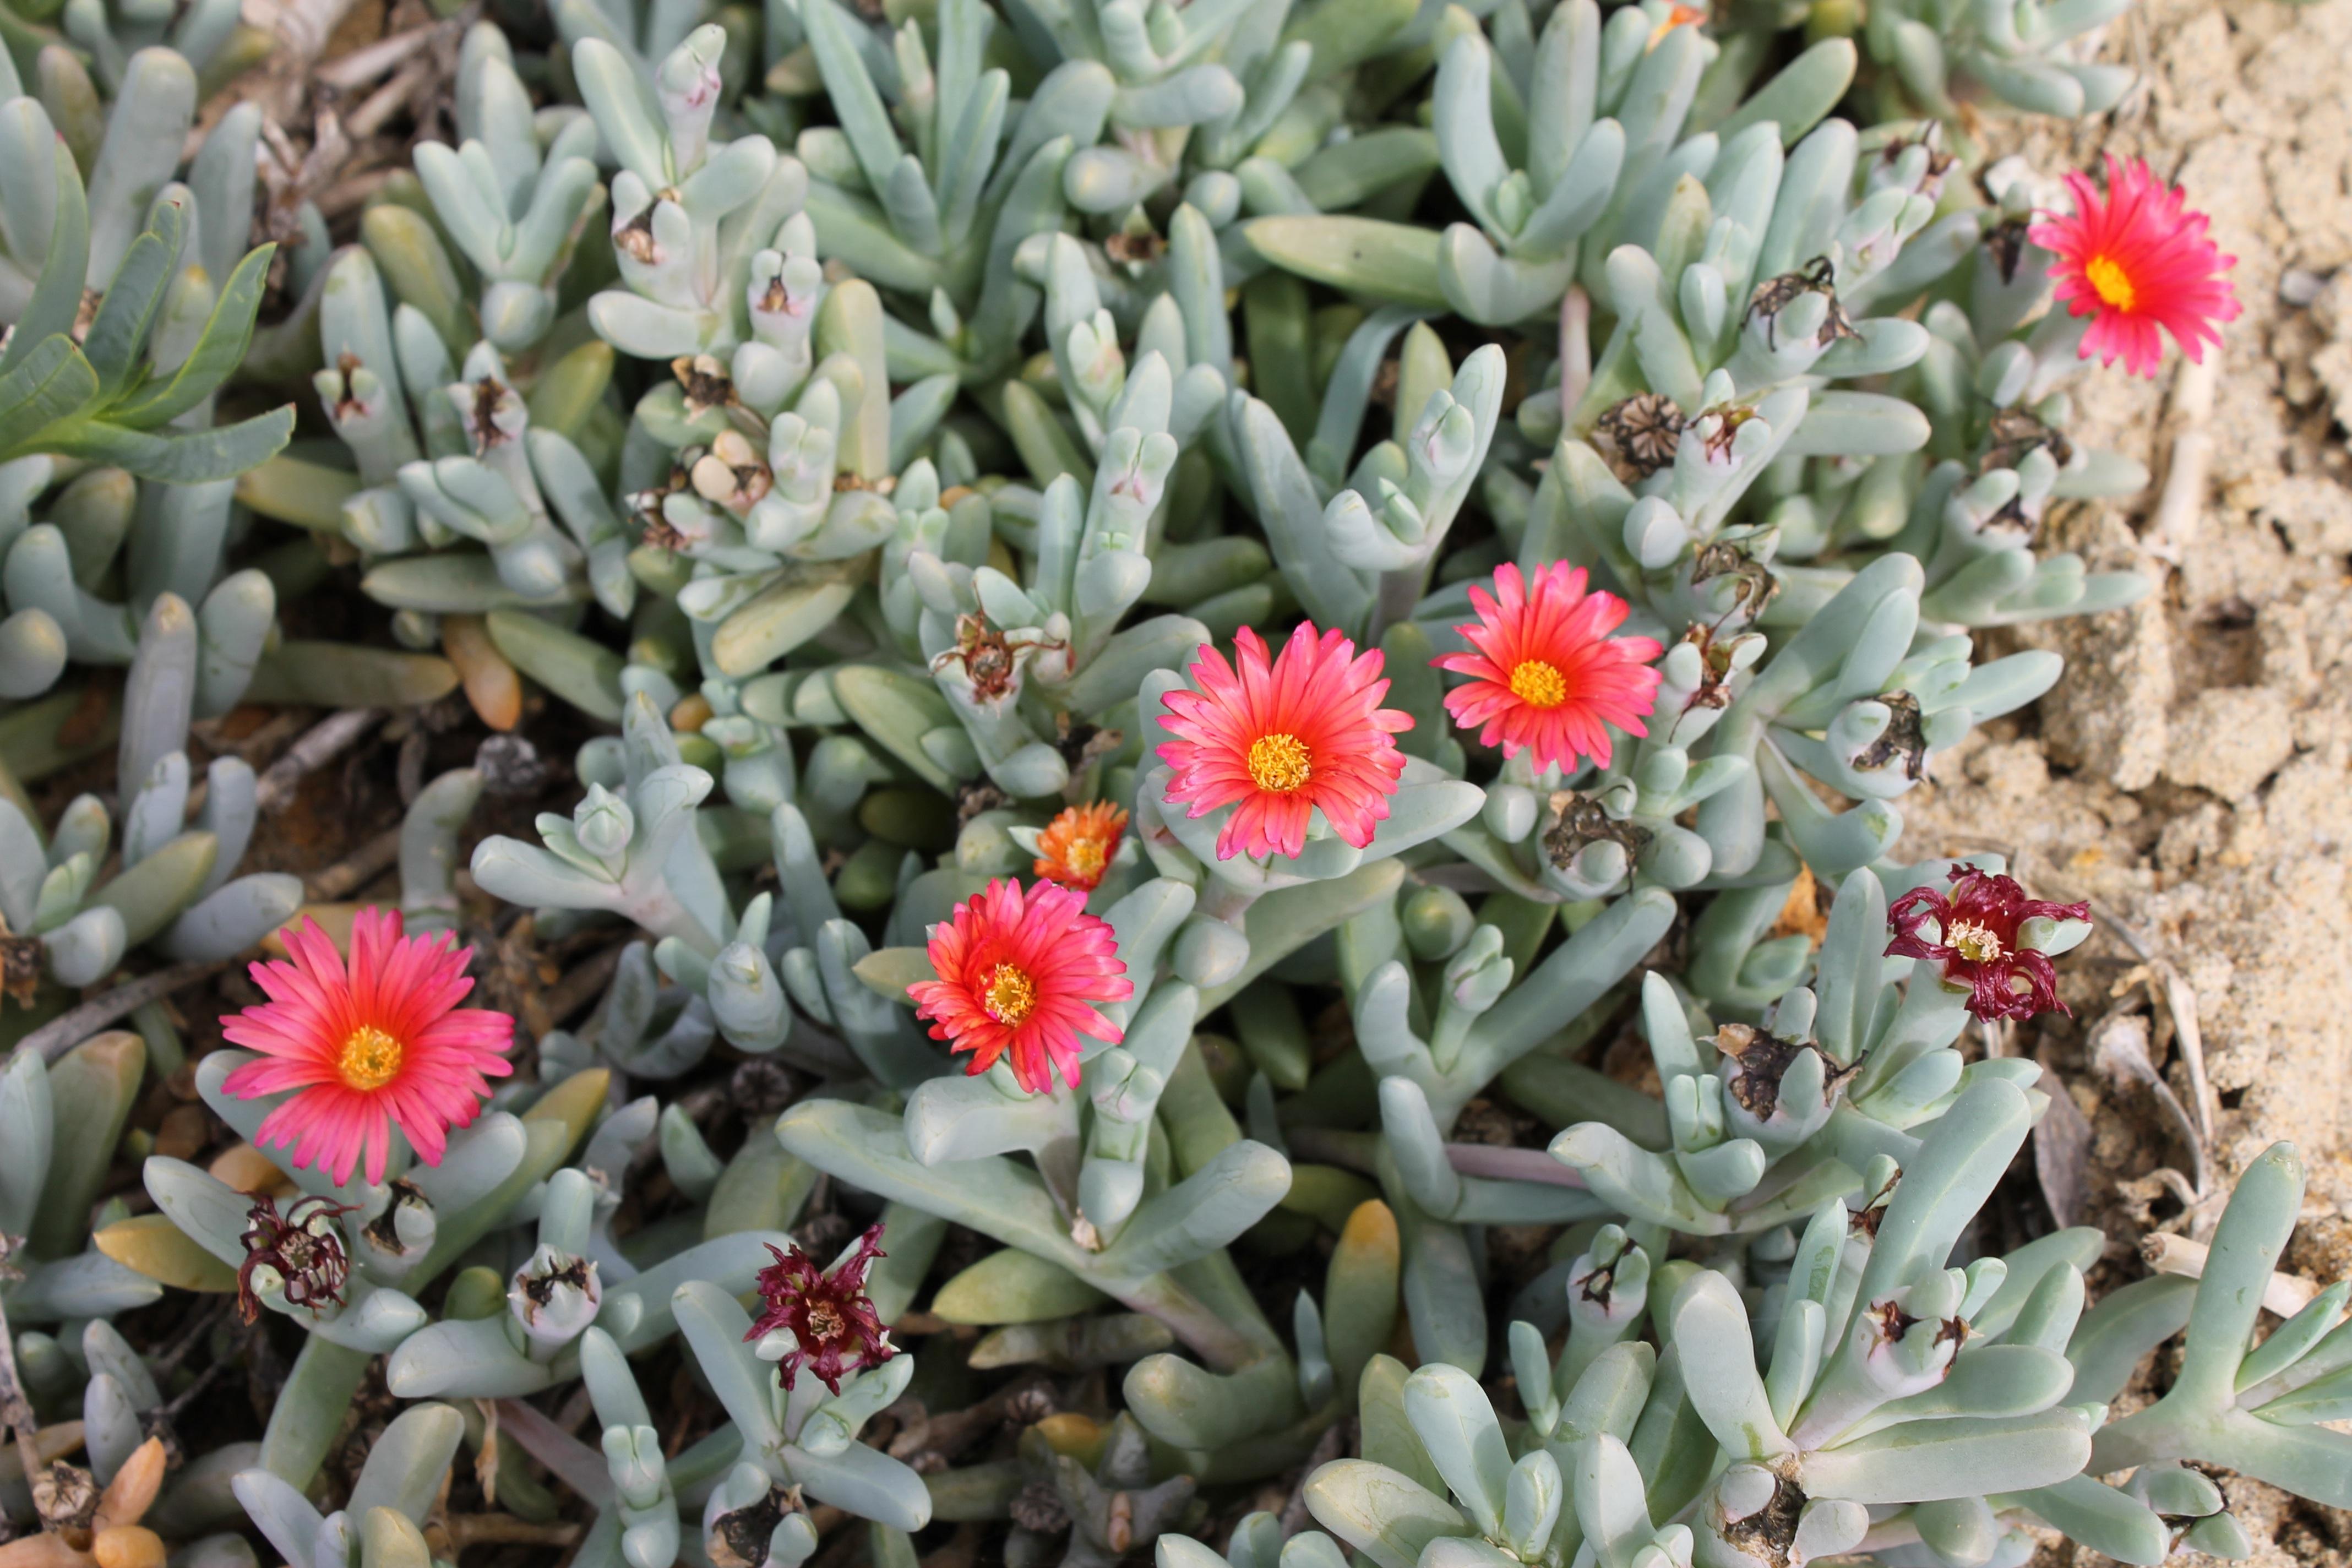 Images Gratuites : de plein air, le sable, océan, cactus, fleur, été, botanique, flore, content ...